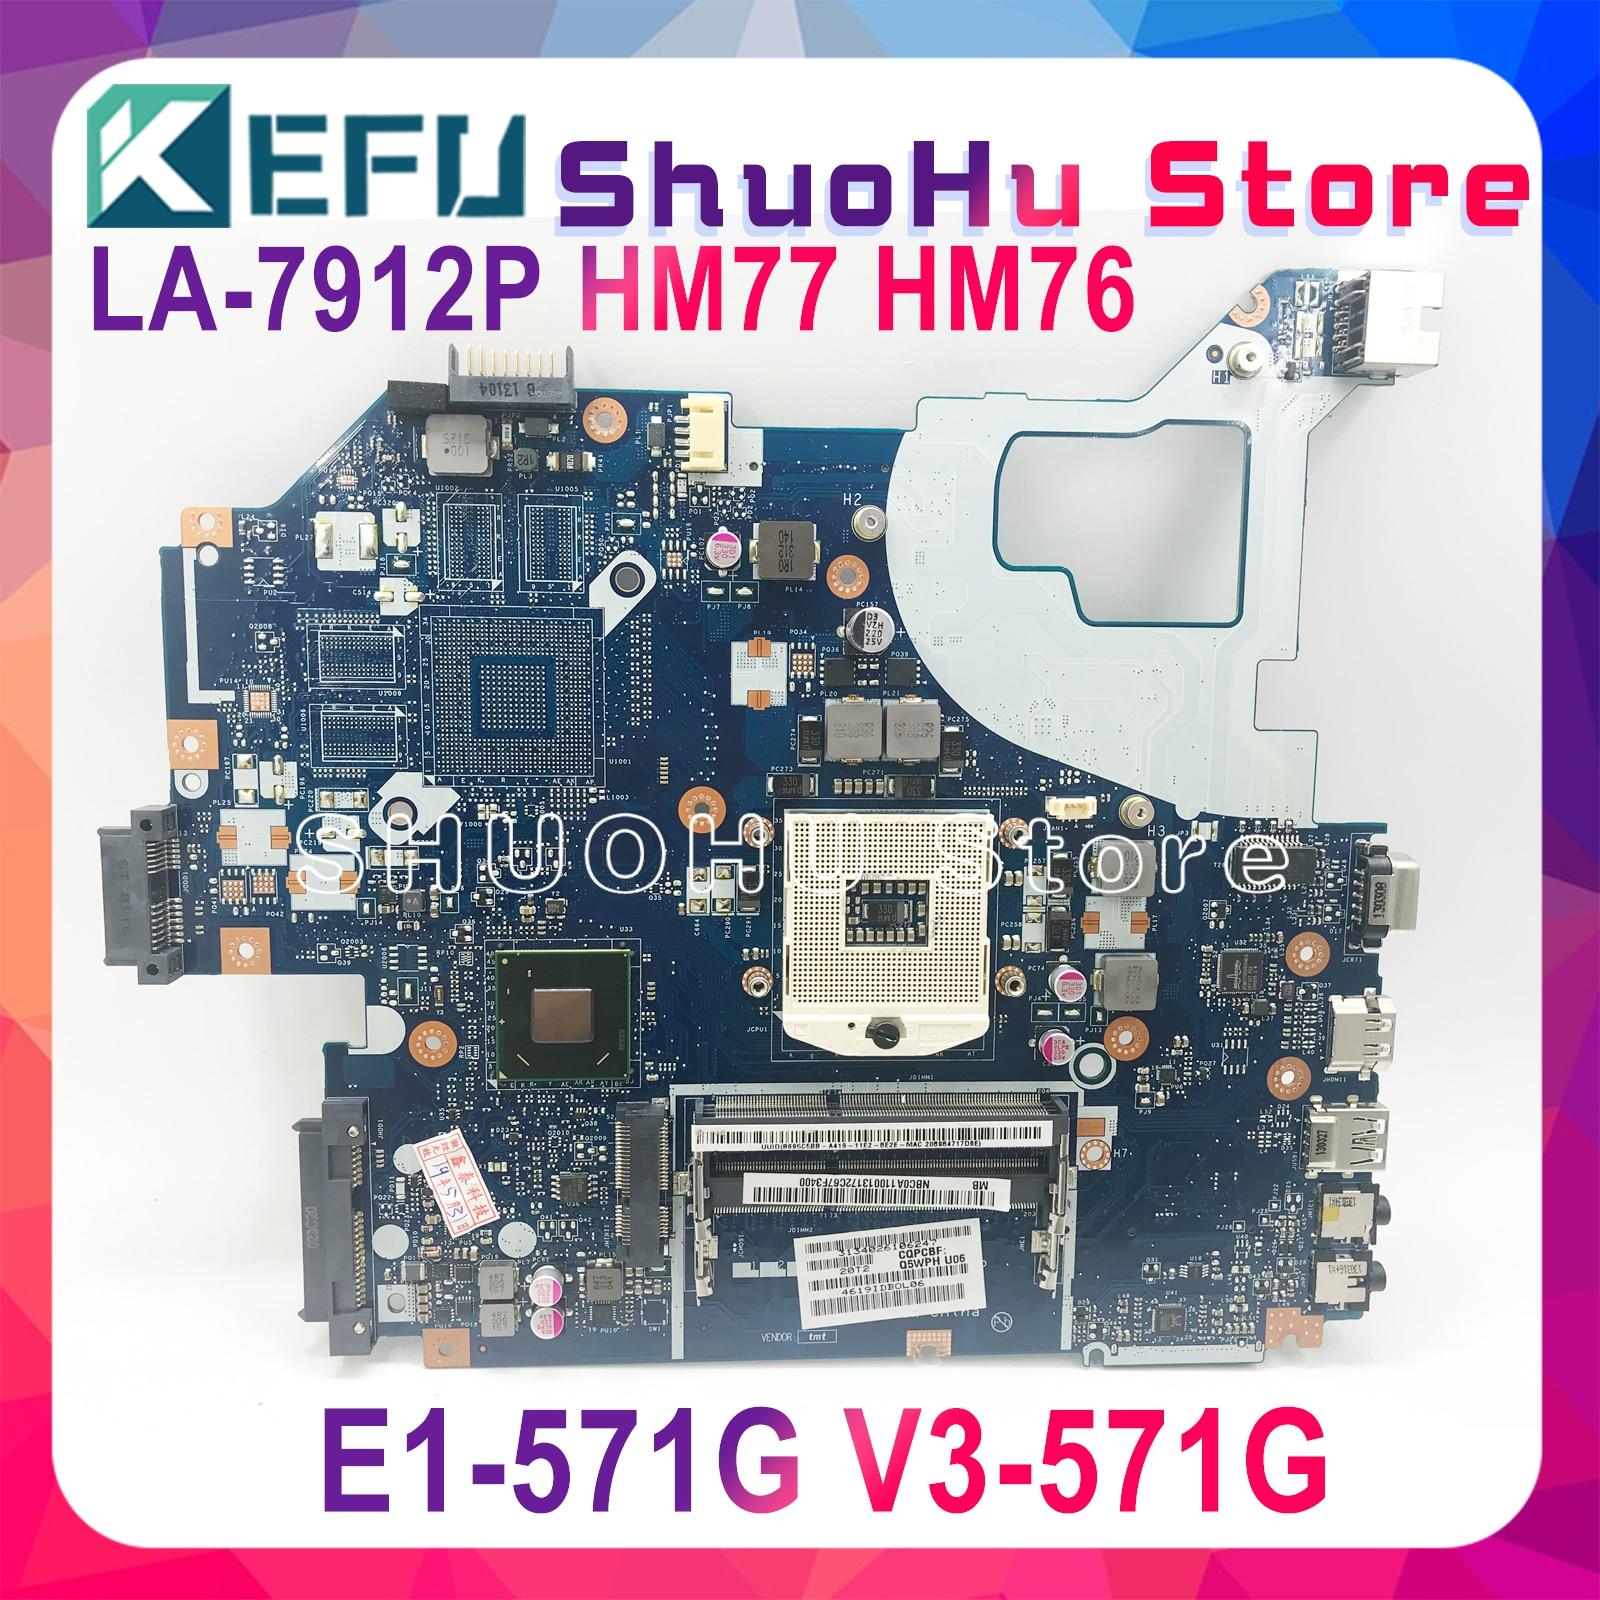 KEFU LA-7912P placa madre para ACER E1-571 V3-571 E1-531 E1-571G NV56R placa base de computadora portátil Q5WTC Q5WVH Q5WV1 LA-7912P HM77/76 de prueba